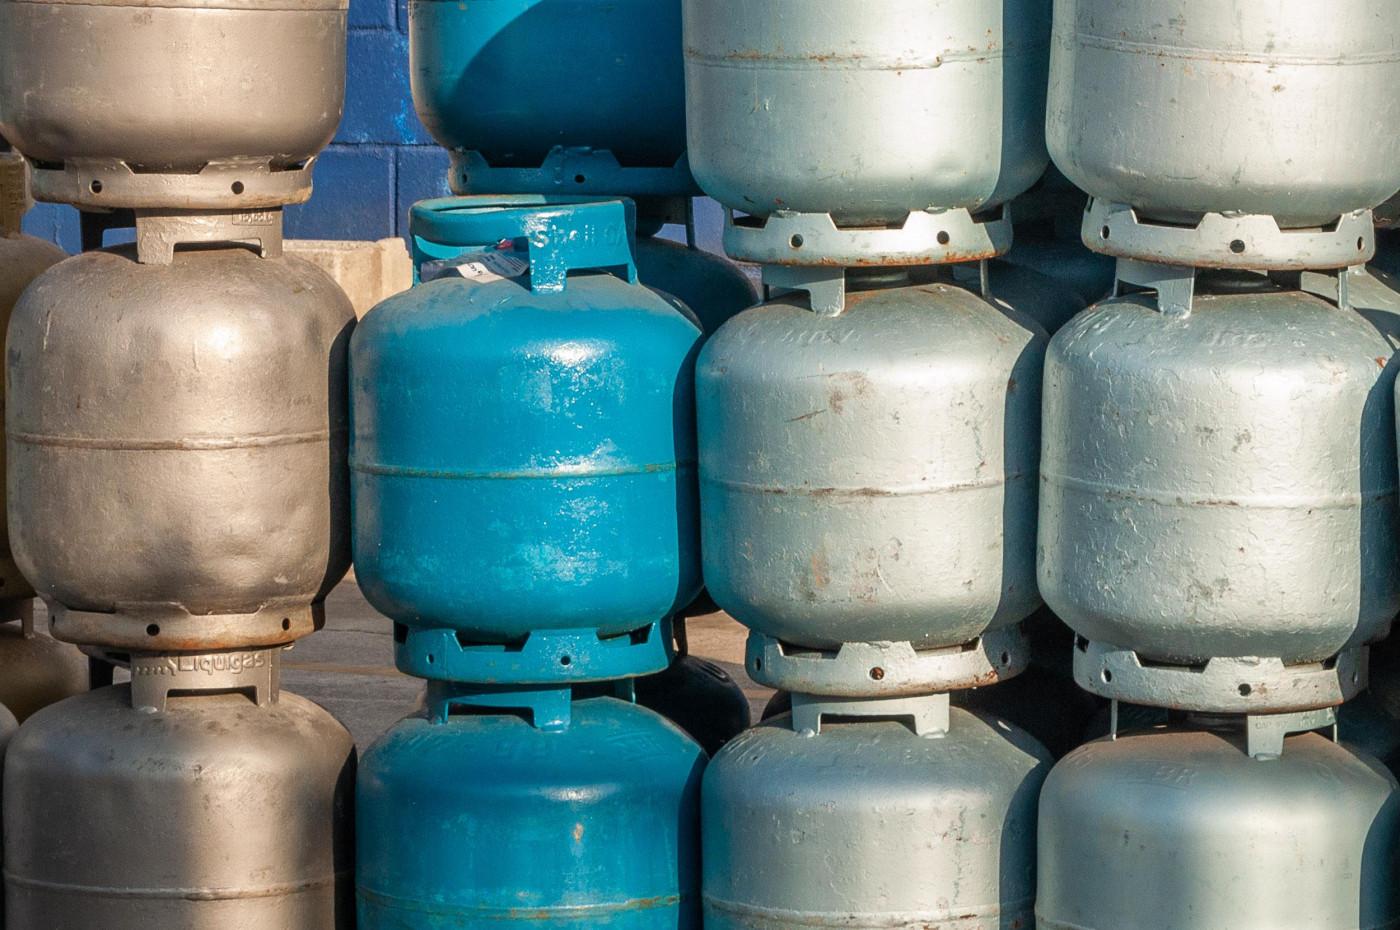 Vista de depósito de gás GLP